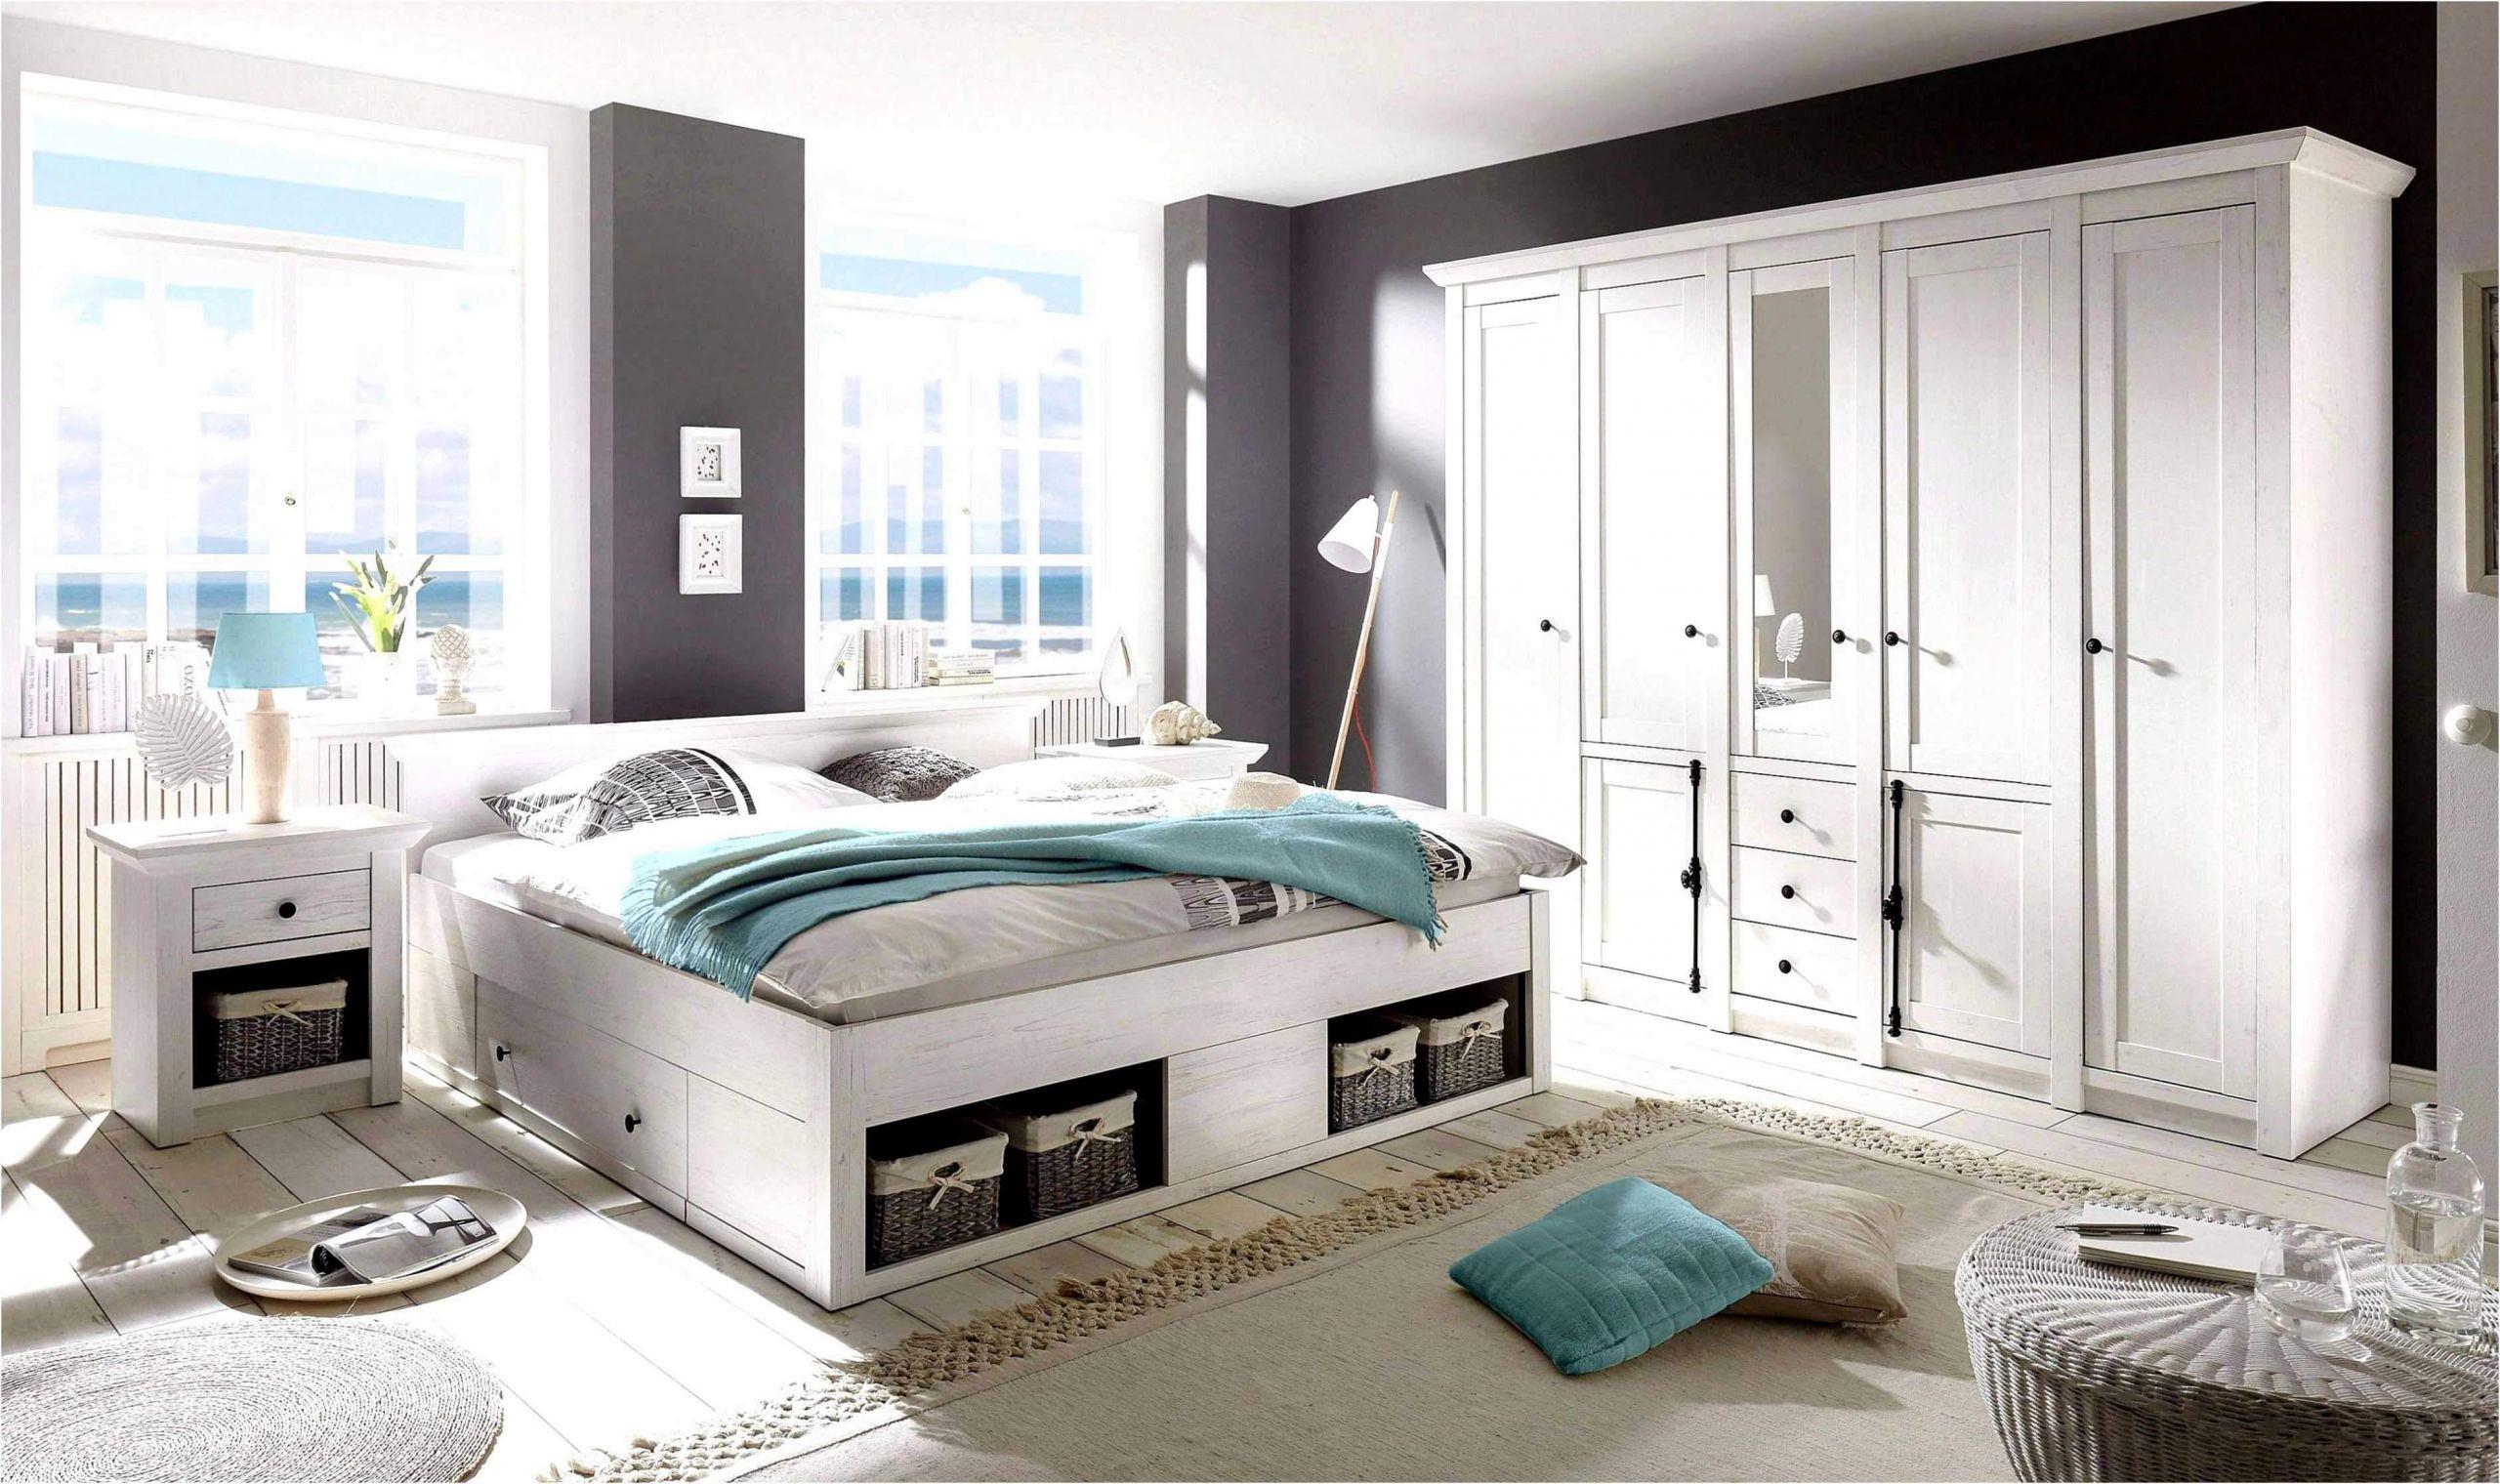 wohnzimmer modern neu wohnzimmer ideen inspirierendes wohnzimmer of wohnzimmer modern scaled